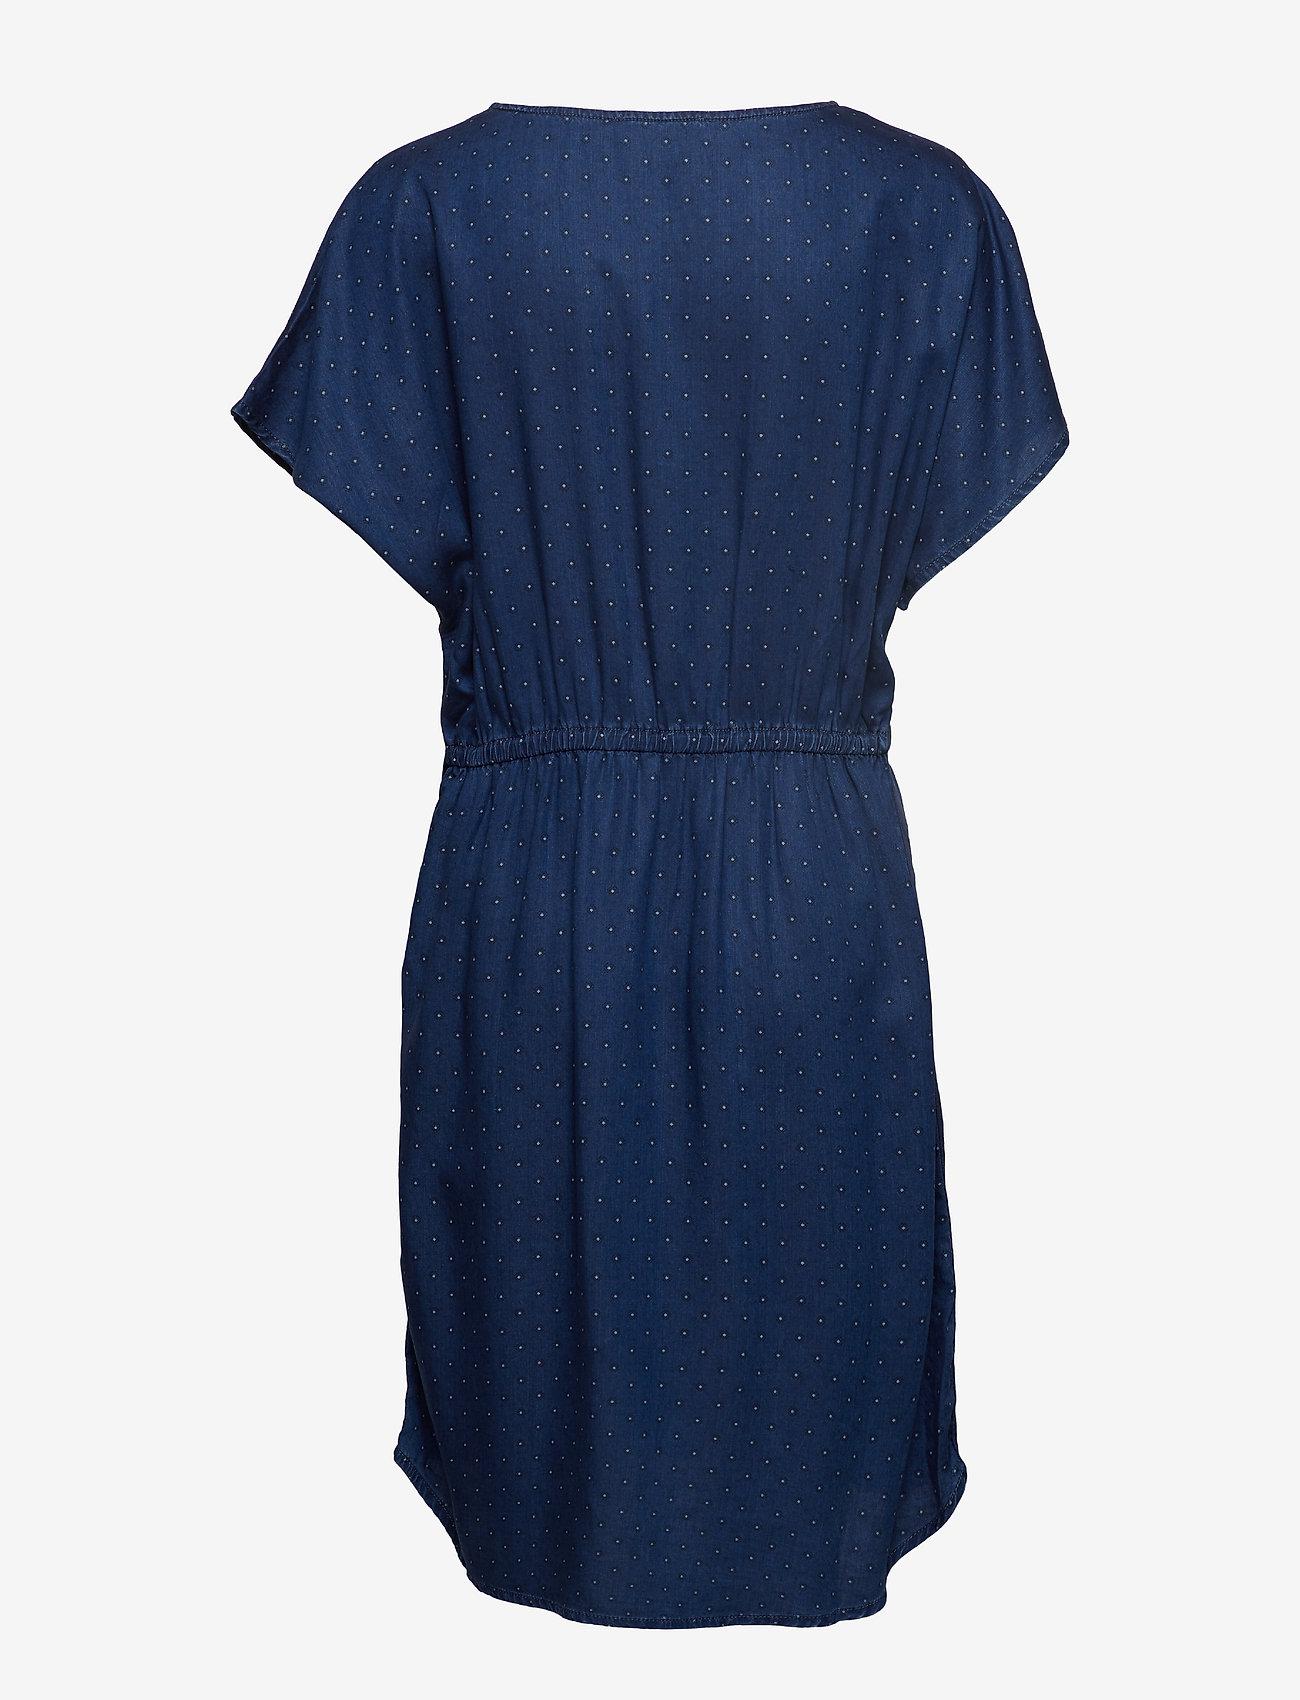 Esprit Casual Dresses light woven - Sukienki INK - Kobiety Odzież.